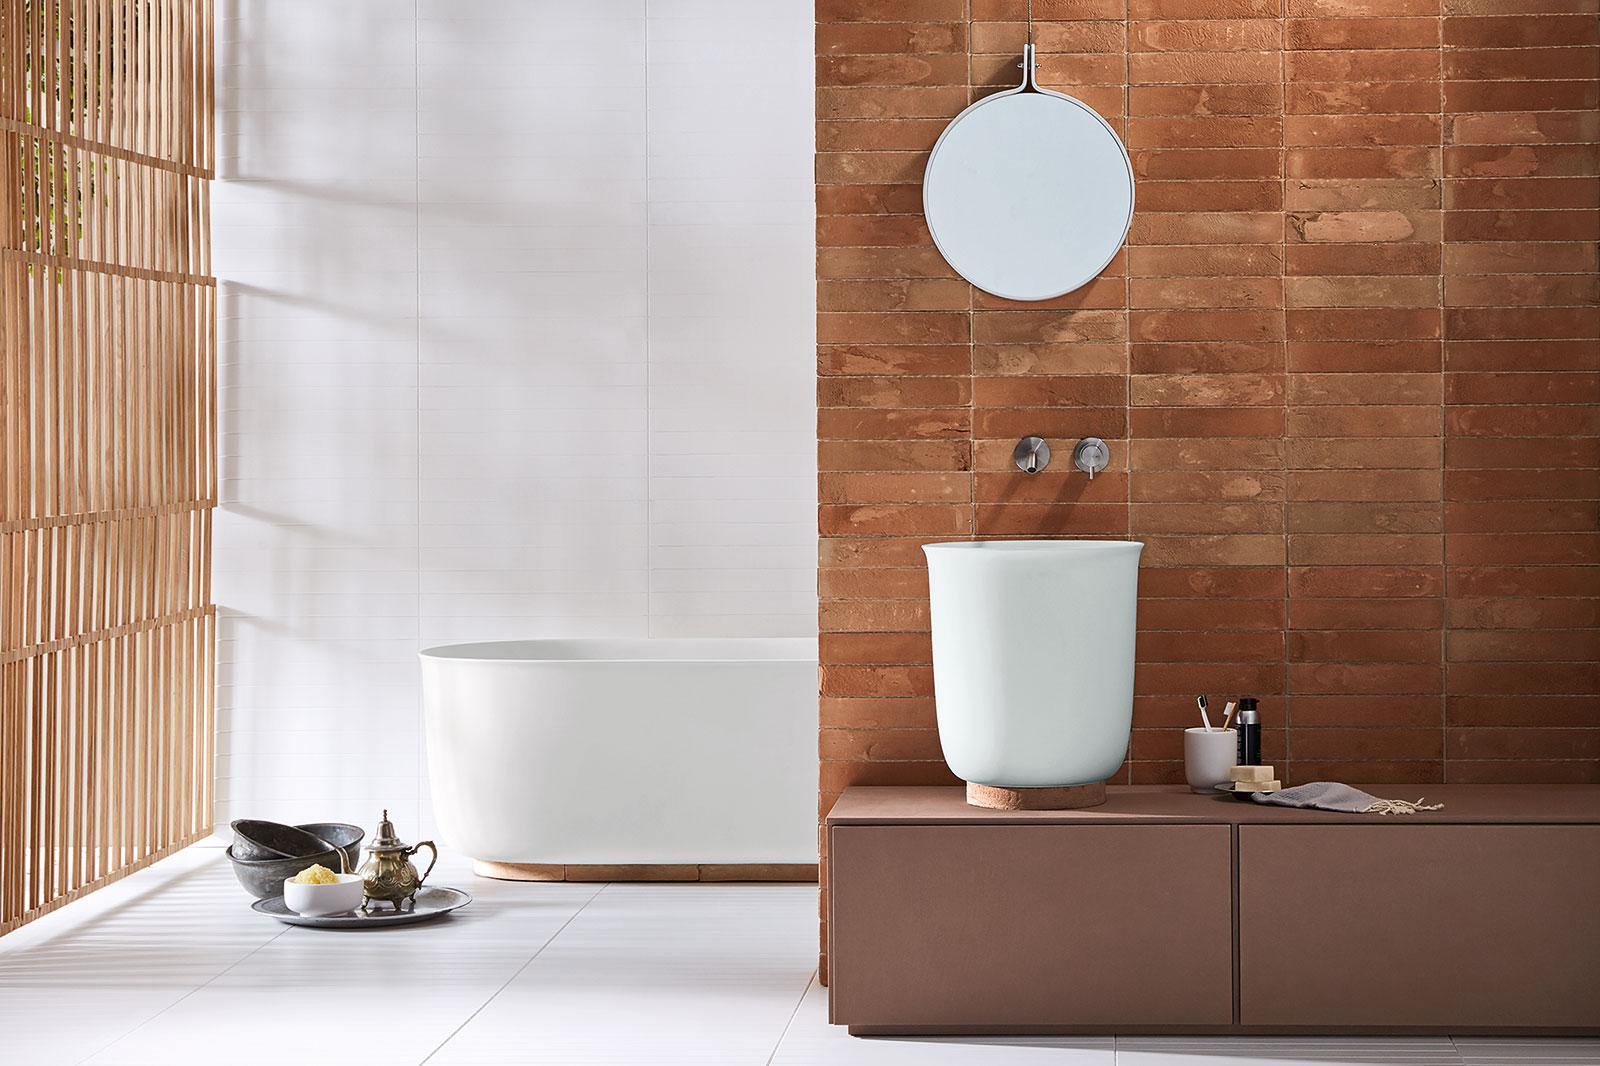 Rexa Design Bademöbel, Badewannen uns Spiegelschränke. Italienisches Design nach Mass auch in der Schweiz Zürich und Graubünden present. Design zum verlieben